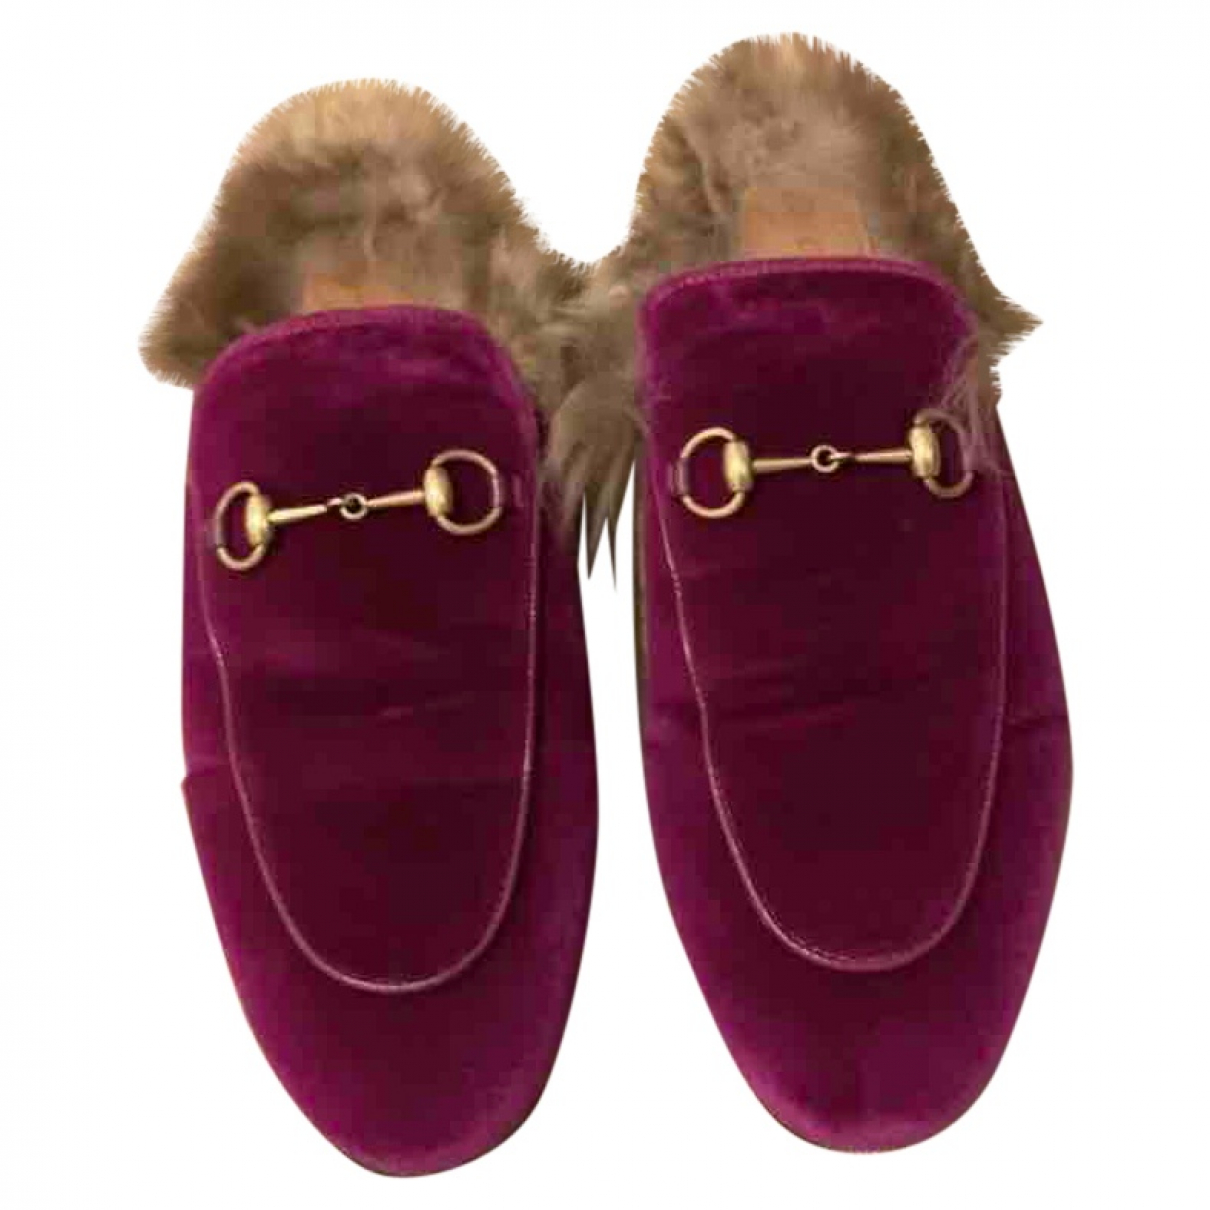 Gucci - Mocassins Princetown pour femme en velours - violet